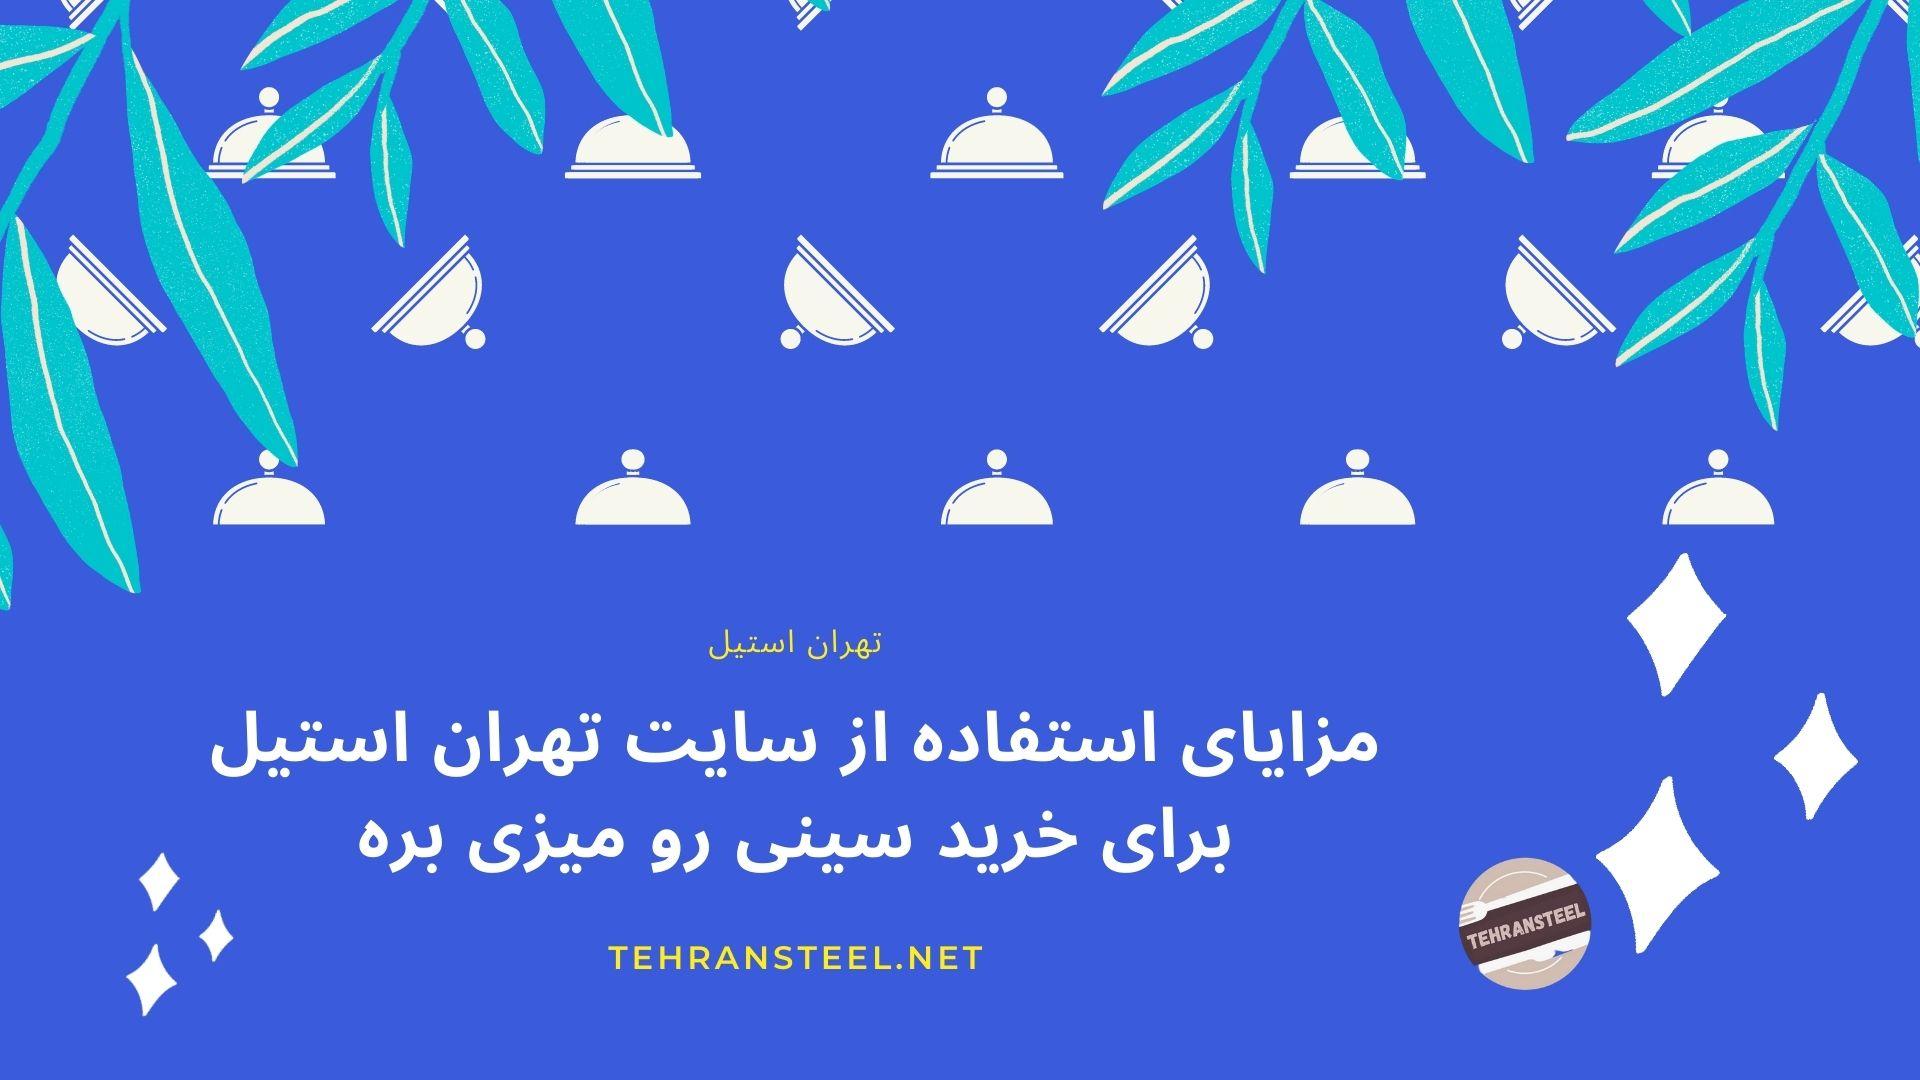 مزایای استفاده از سایت تهران استیل برای خرید سینی رو میزی بره